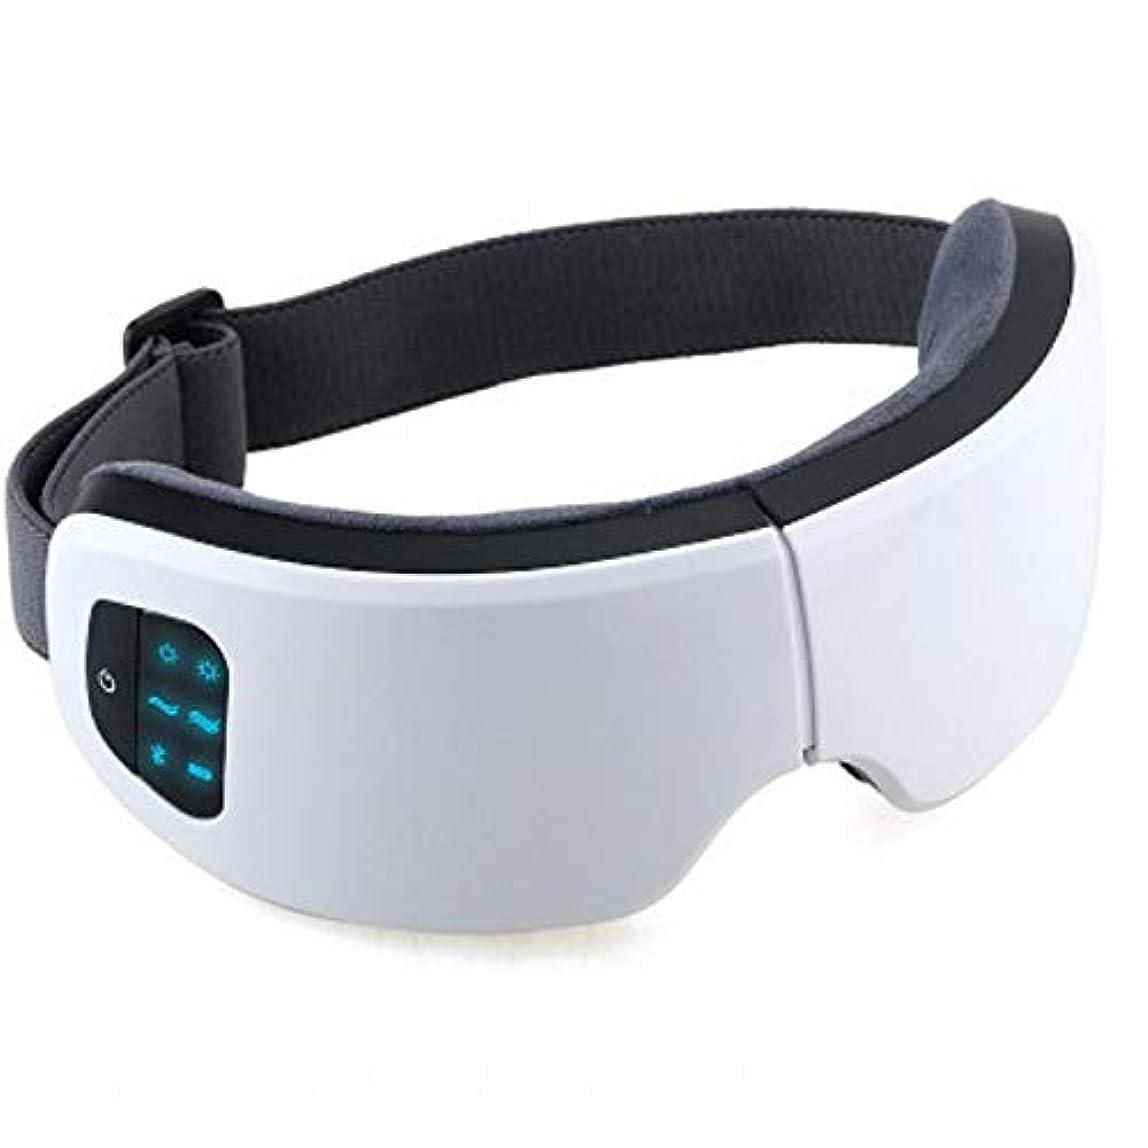 電信メディア盗賊Ruzzy 高度の目のマッサージャー、暖房モードの無線再充電可能な折る目のマッサージャー 購入へようこそ